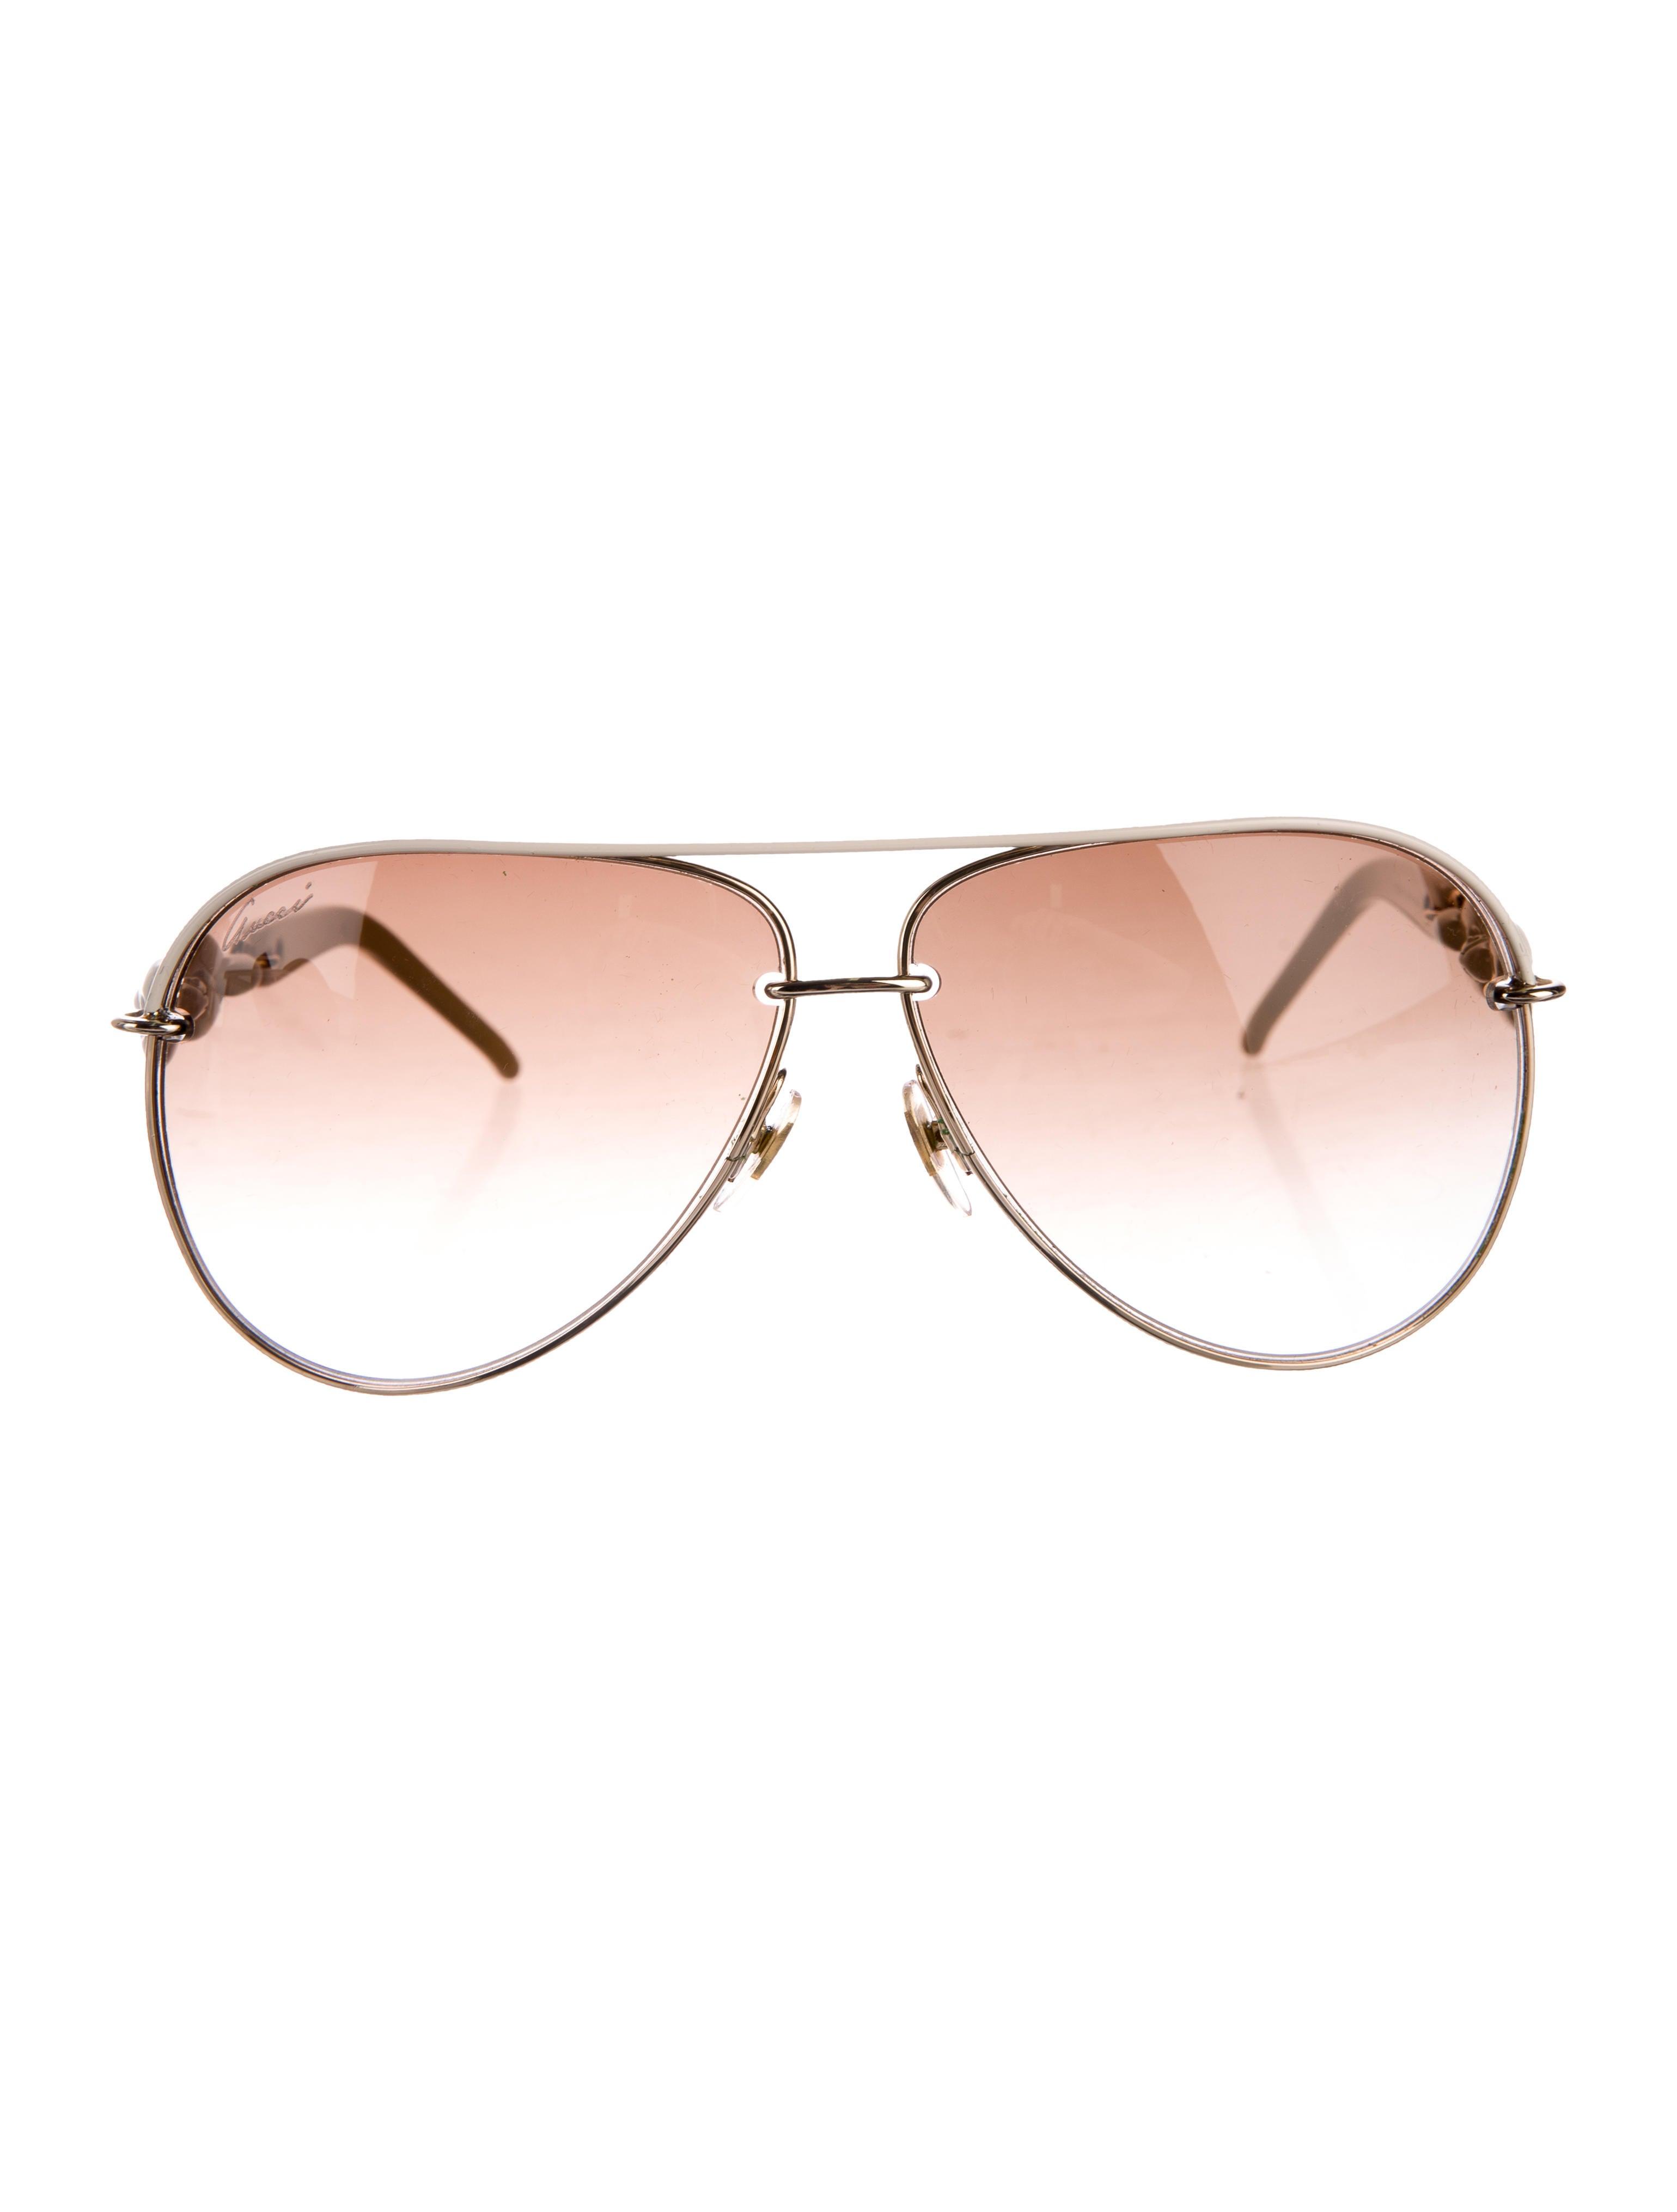 dd64371ea2e Gucci Gradient Aviator Sunglasses - Accessories - GUC155073